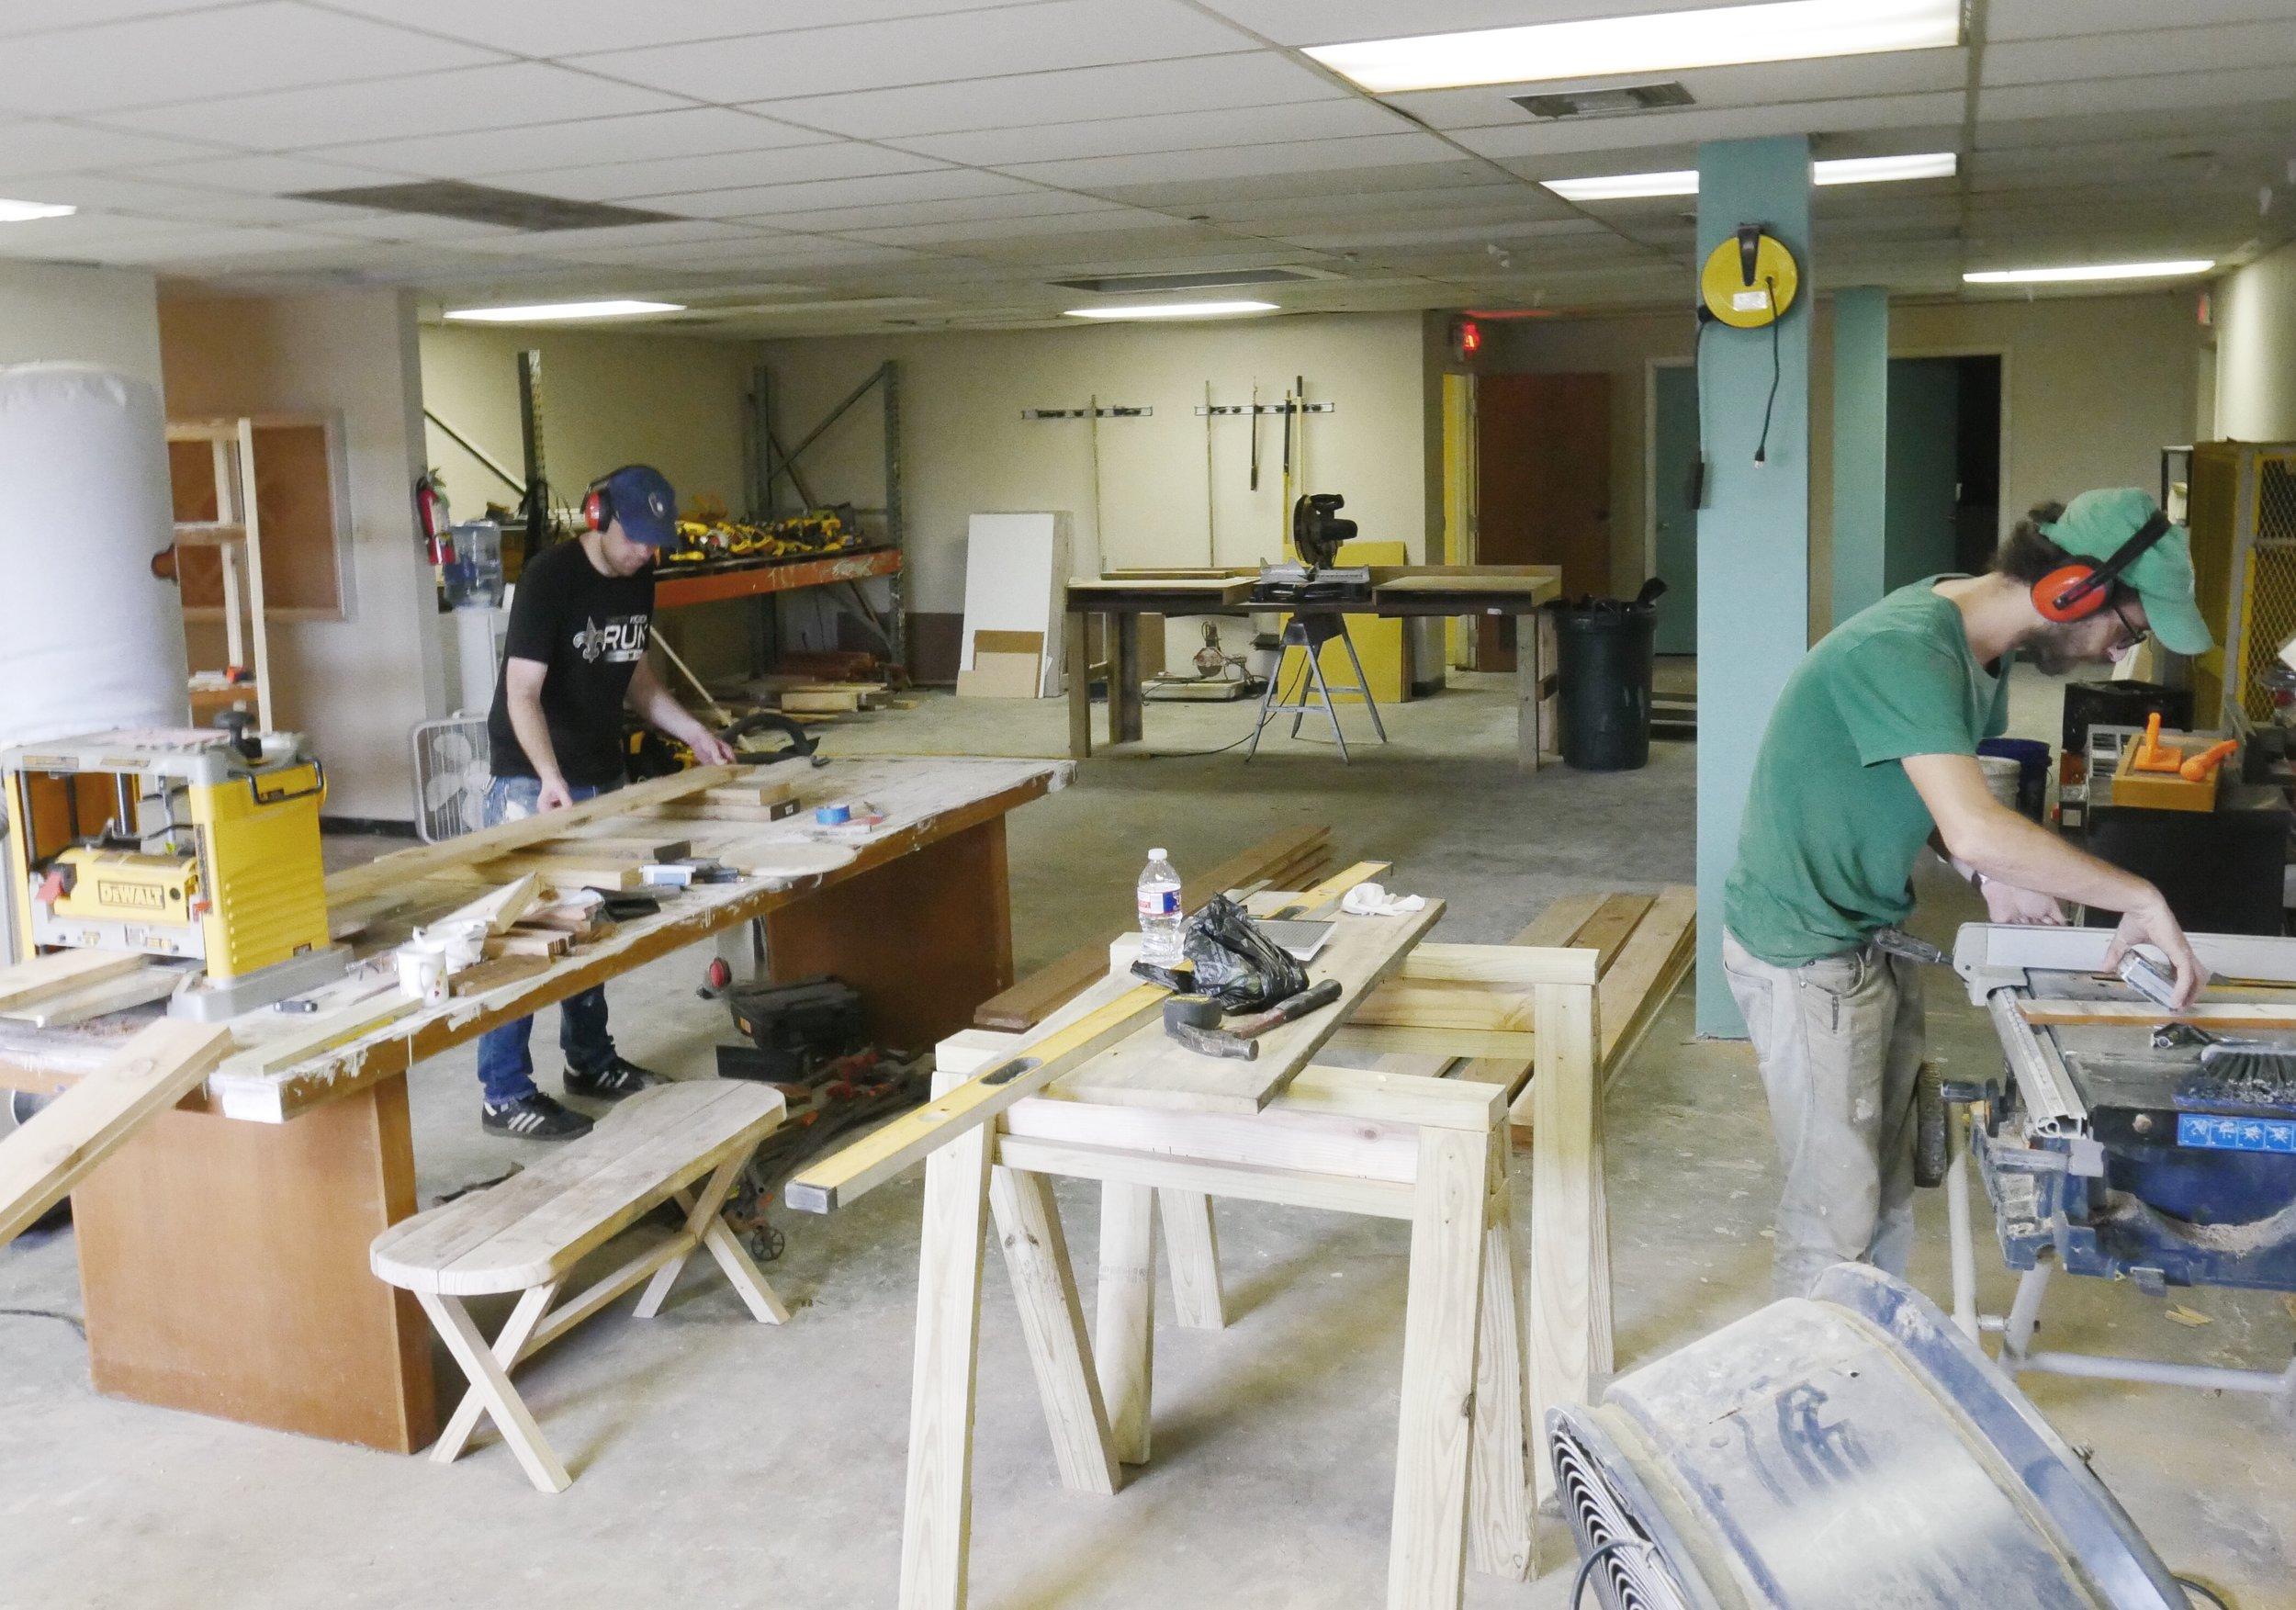 MakerSpace - 2.JPG